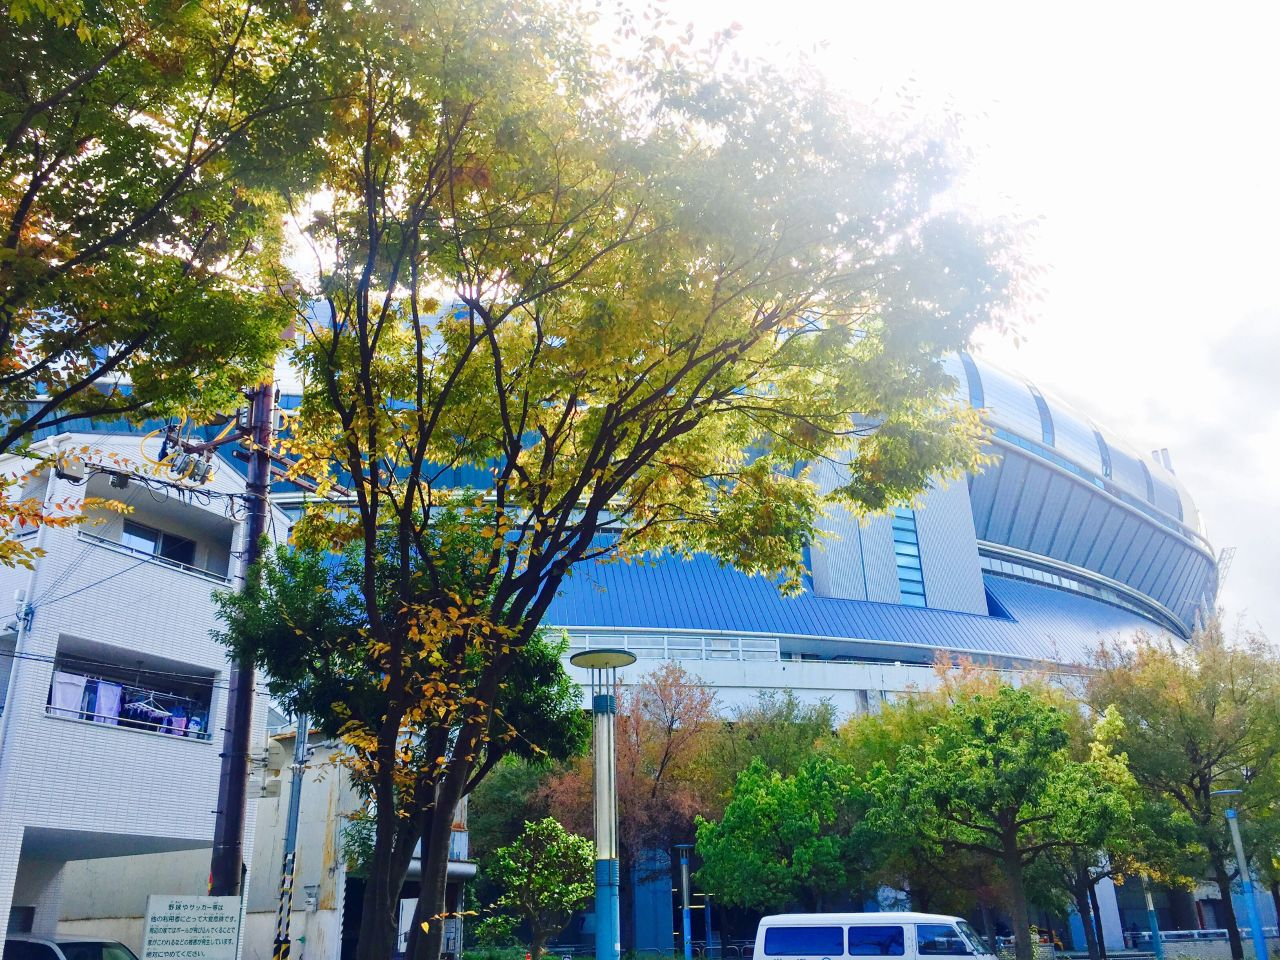 シティ ドーム イオン 大阪 モール